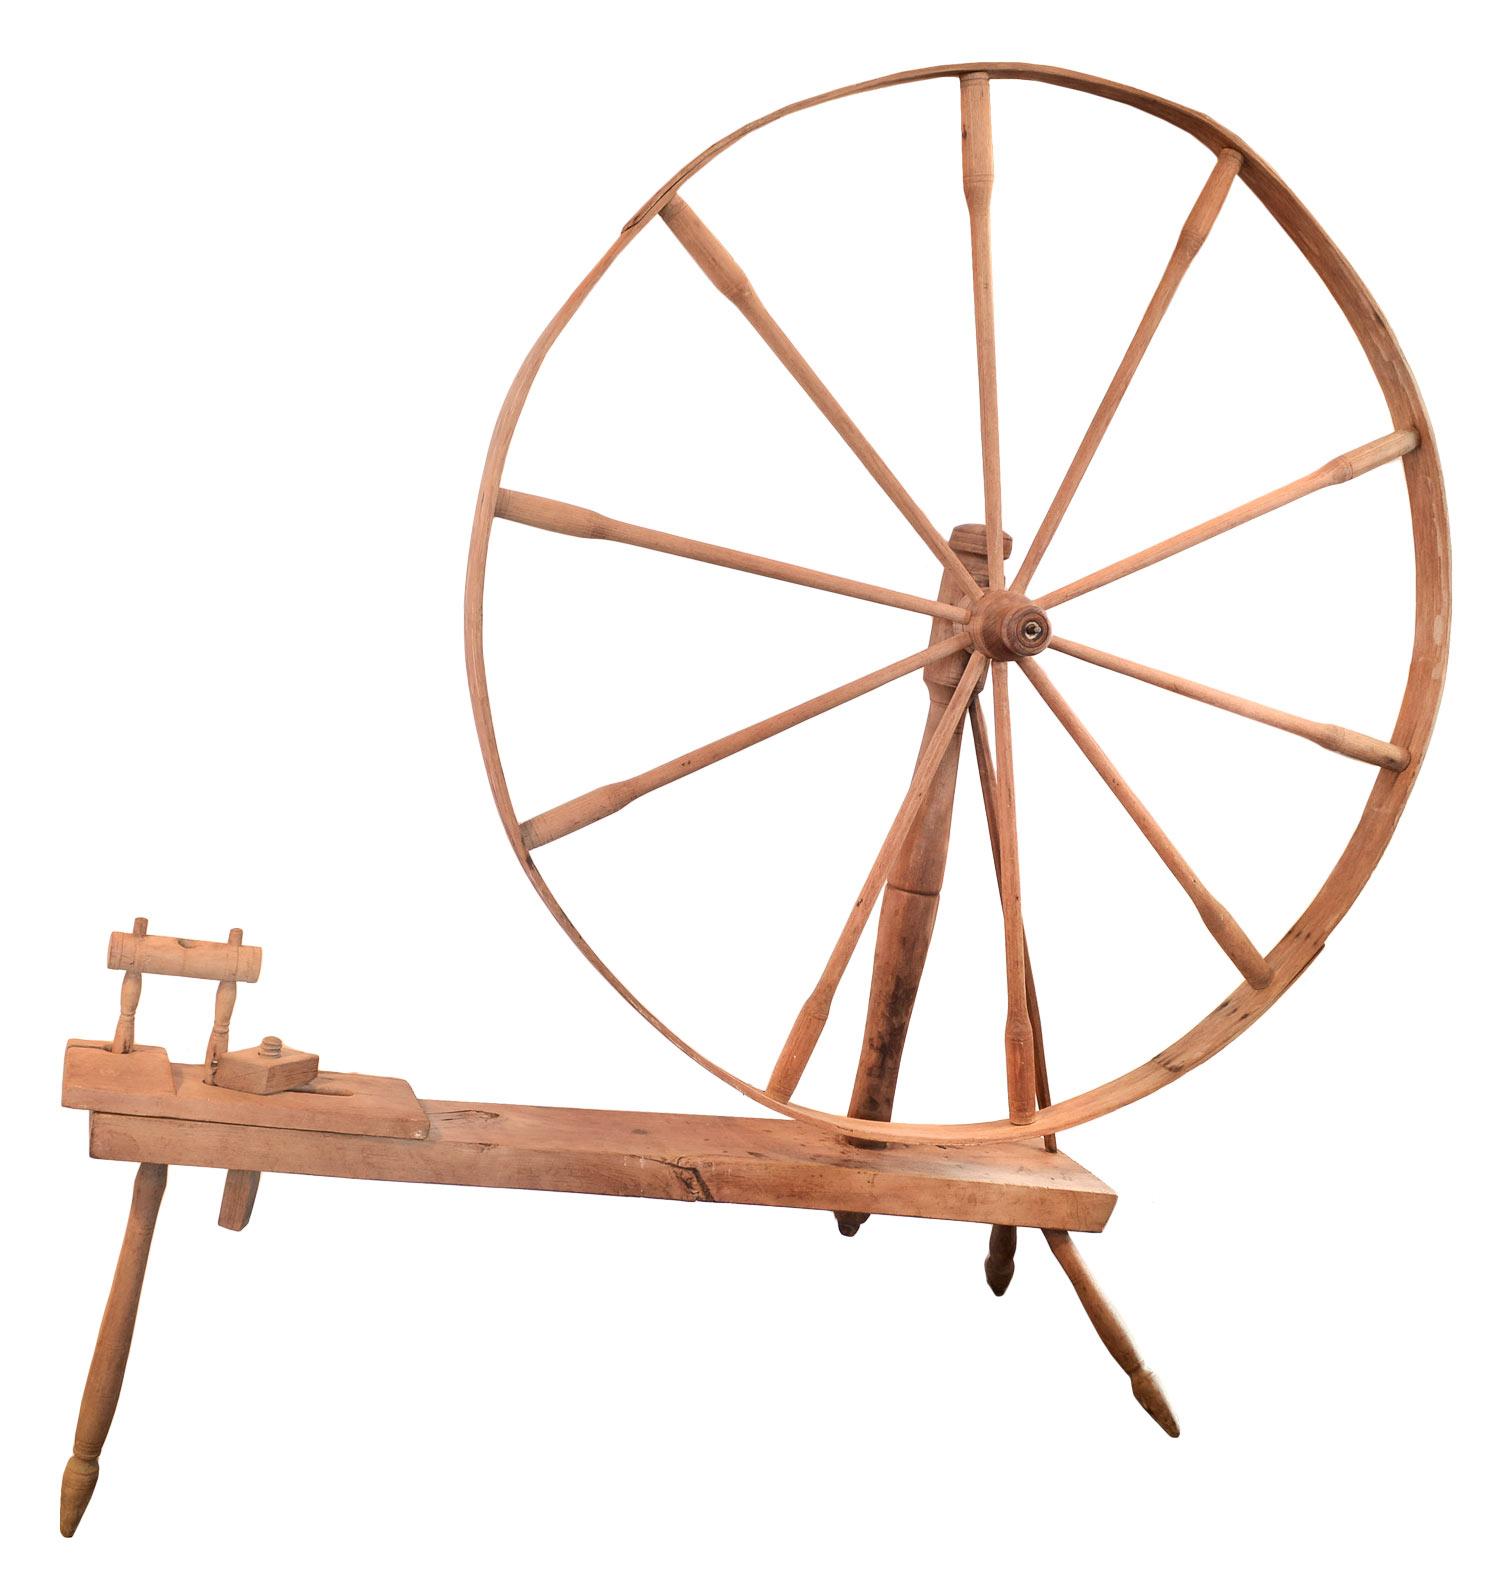 45707-spinning-wheel.jpg